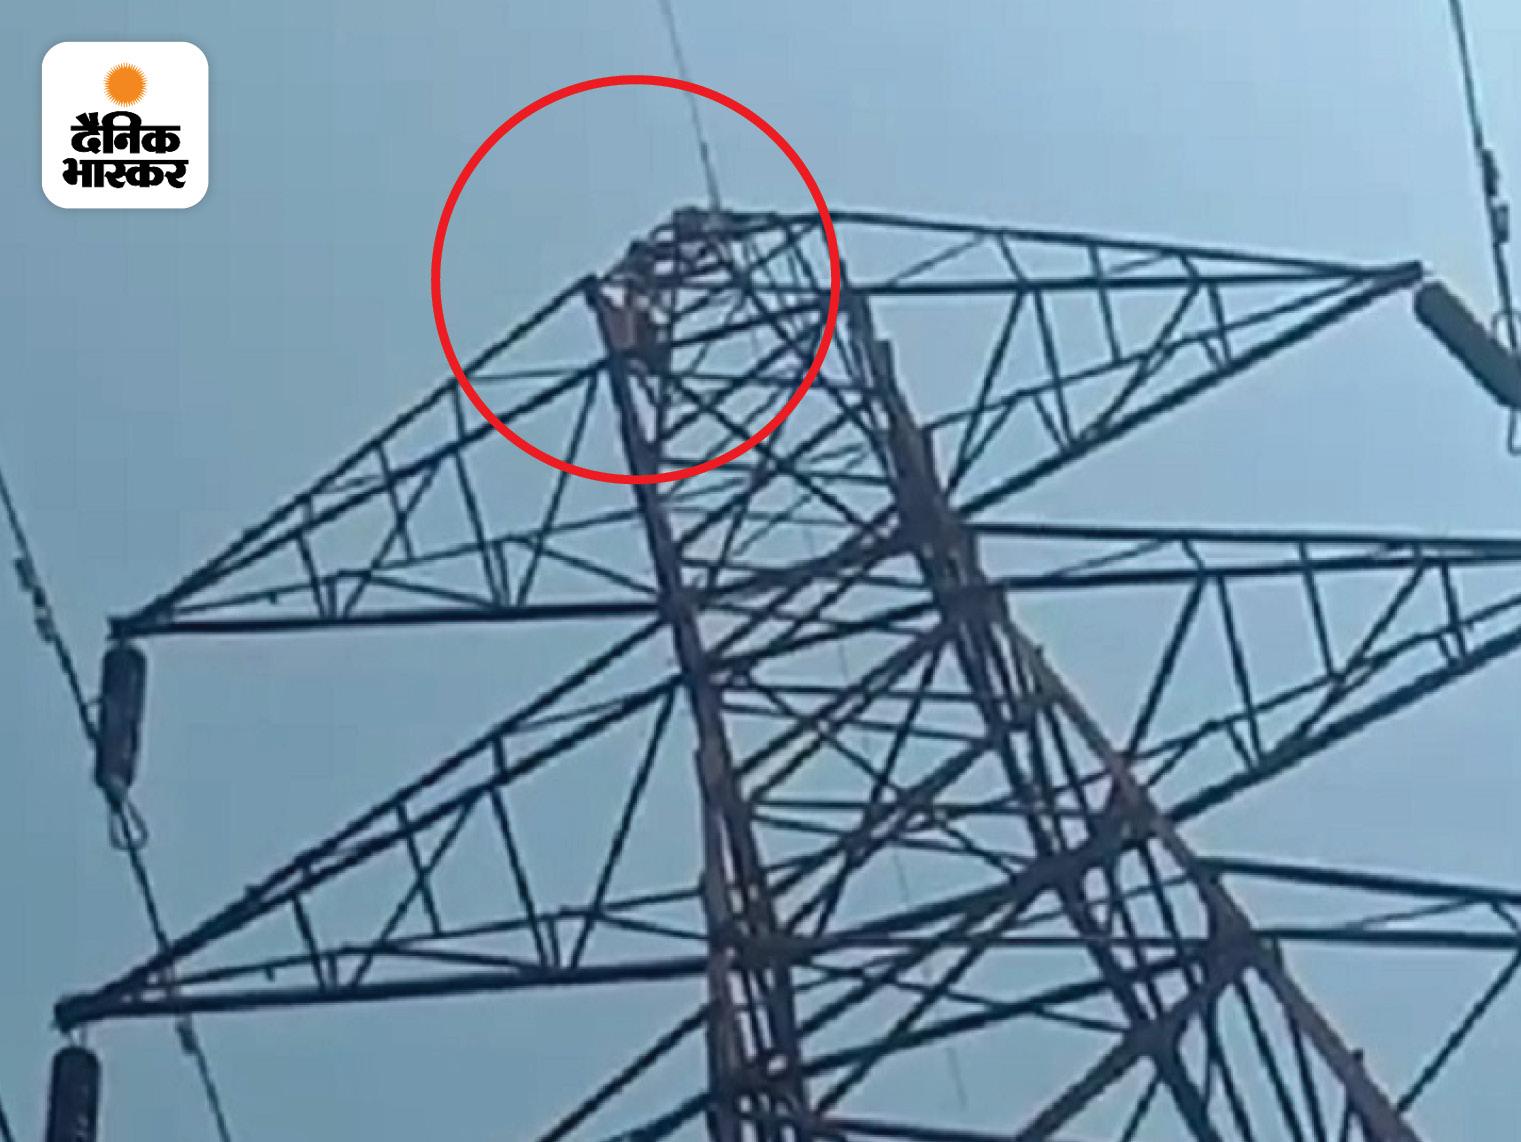 कोरबा में 120 फीट की ऊंचाई पर रस्सी बांधकर उल्टा लटका, पुलिस समझाने में लगी; 6 महीने पहले चढ़ा था|छत्तीसगढ़,Chhattisgarh - Dainik Bhaskar